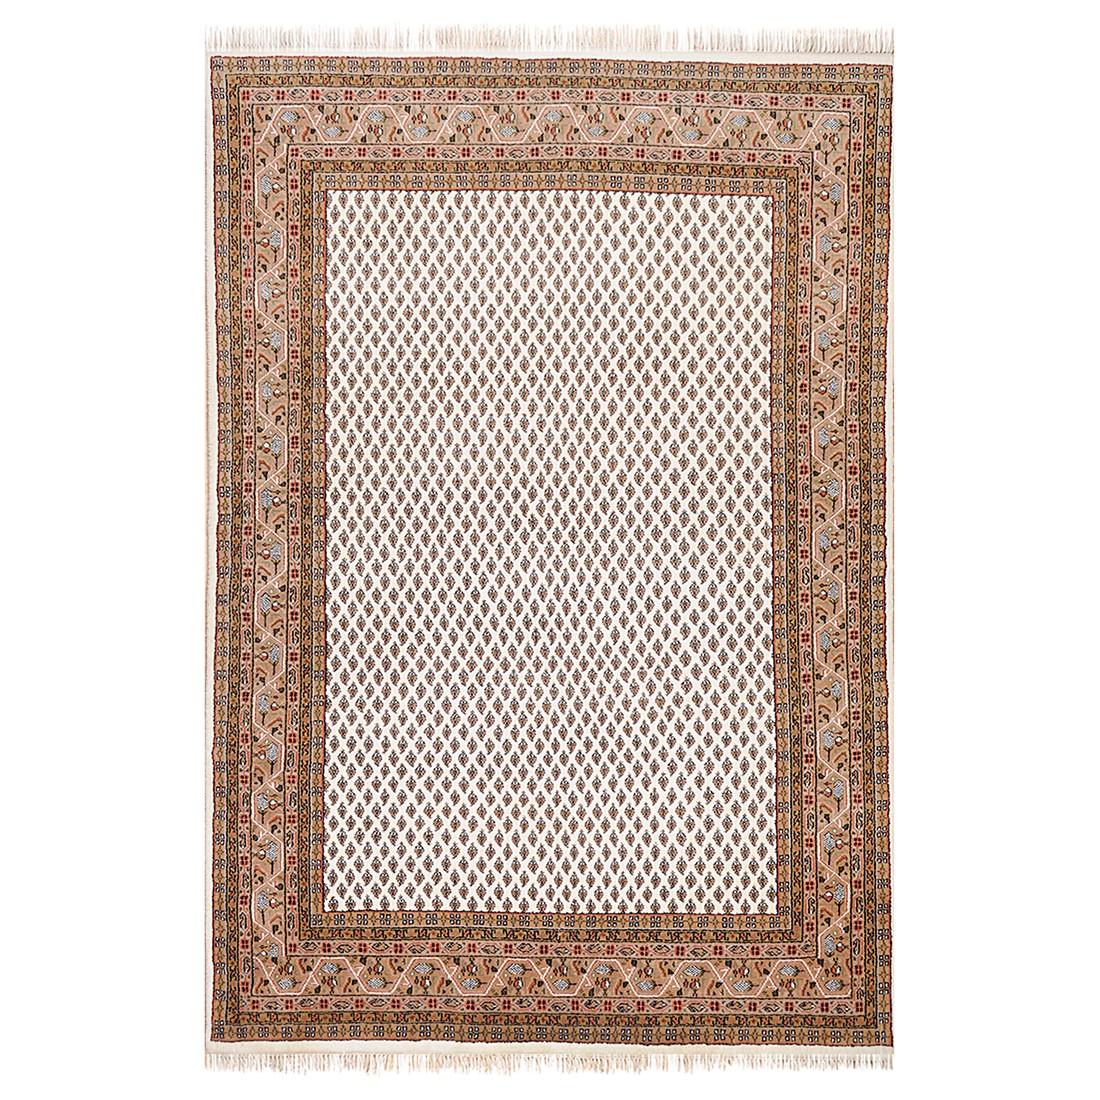 Teppich Chandi Mir - Wolle/Creme - 250 cm x 300 cm, Theko die markenteppiche